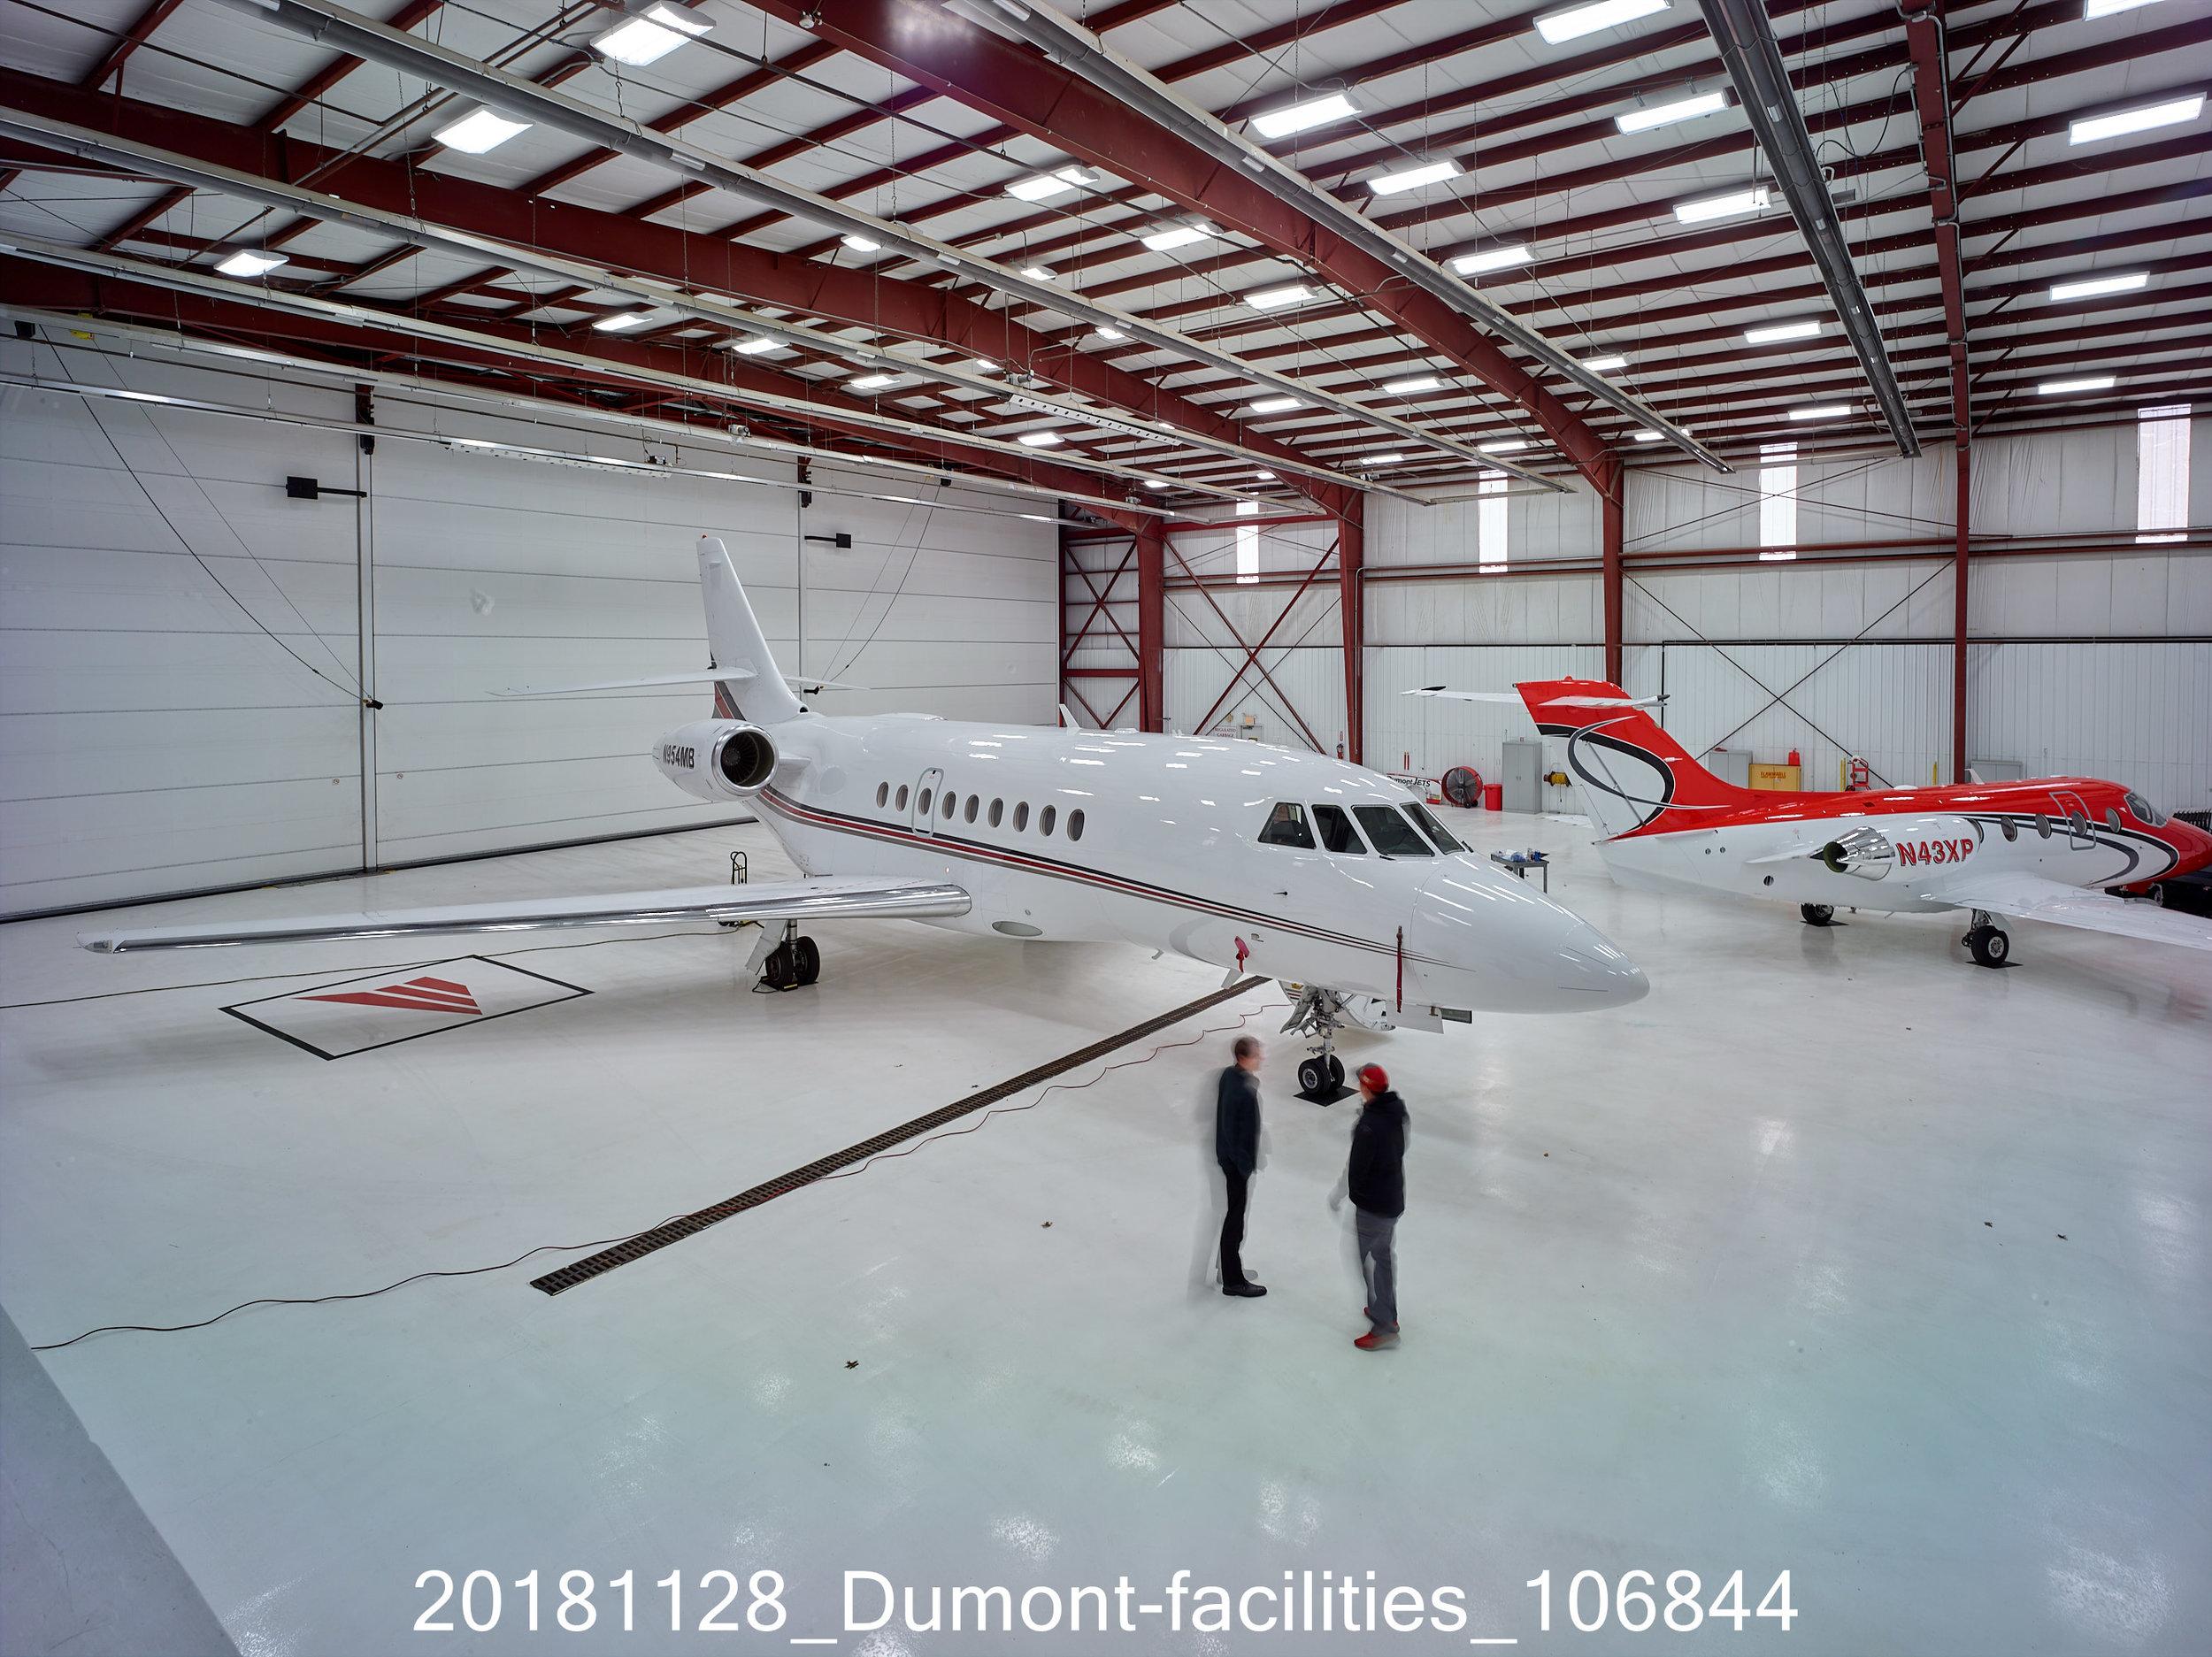 20181128_Dumont-facilities_106844.jpg